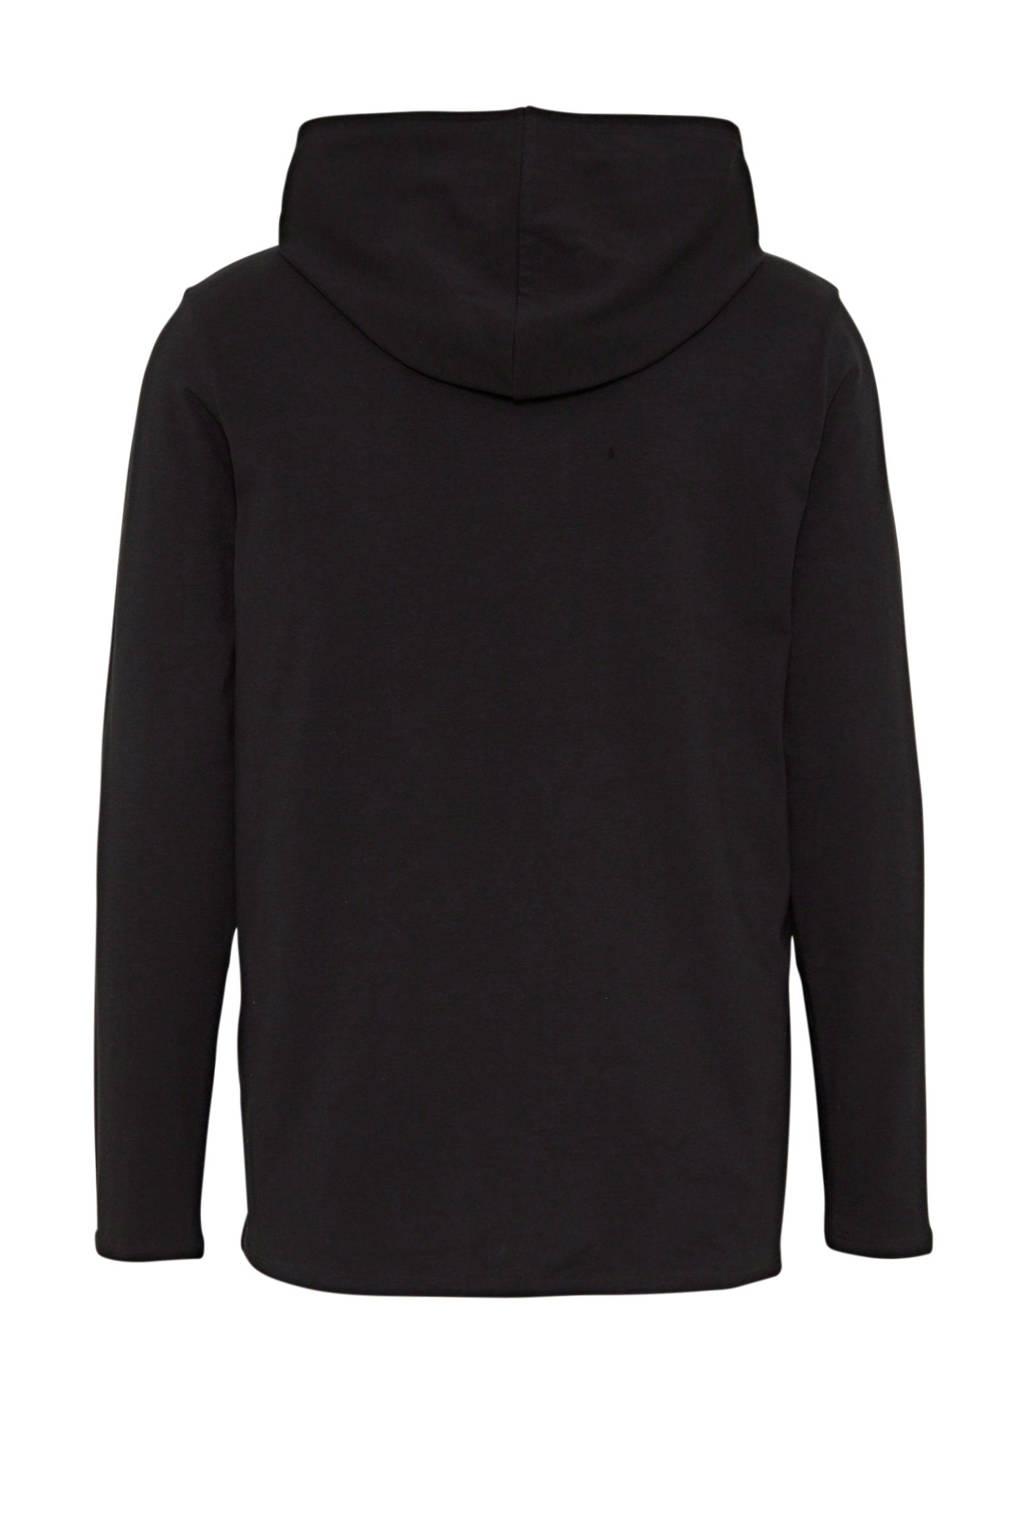 BOSS Bodywear longsleeve met capuchon en logo zwart, Zwart